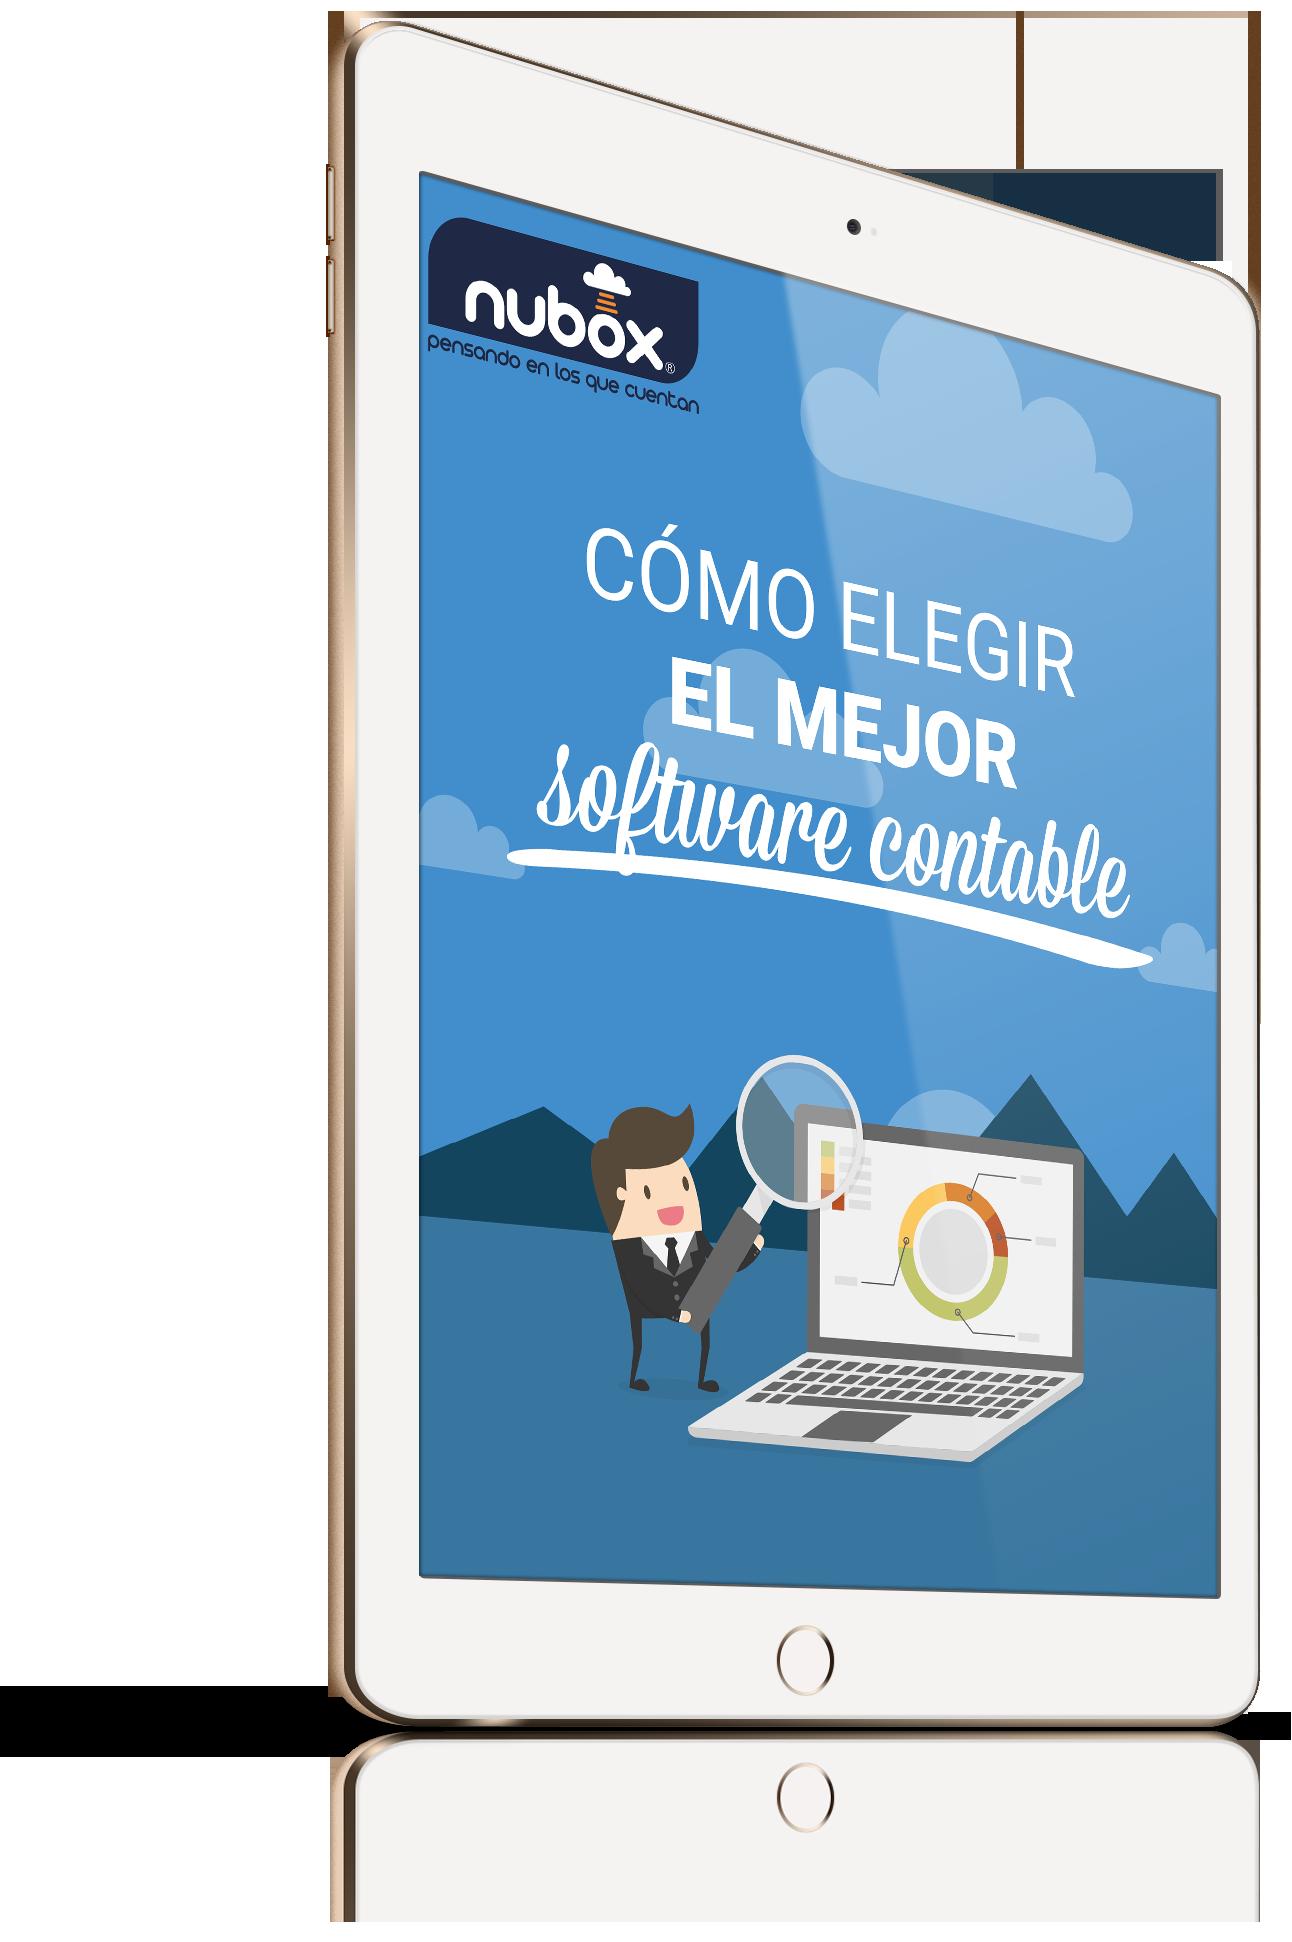 descarga-ebook-como-elegir-software-contable